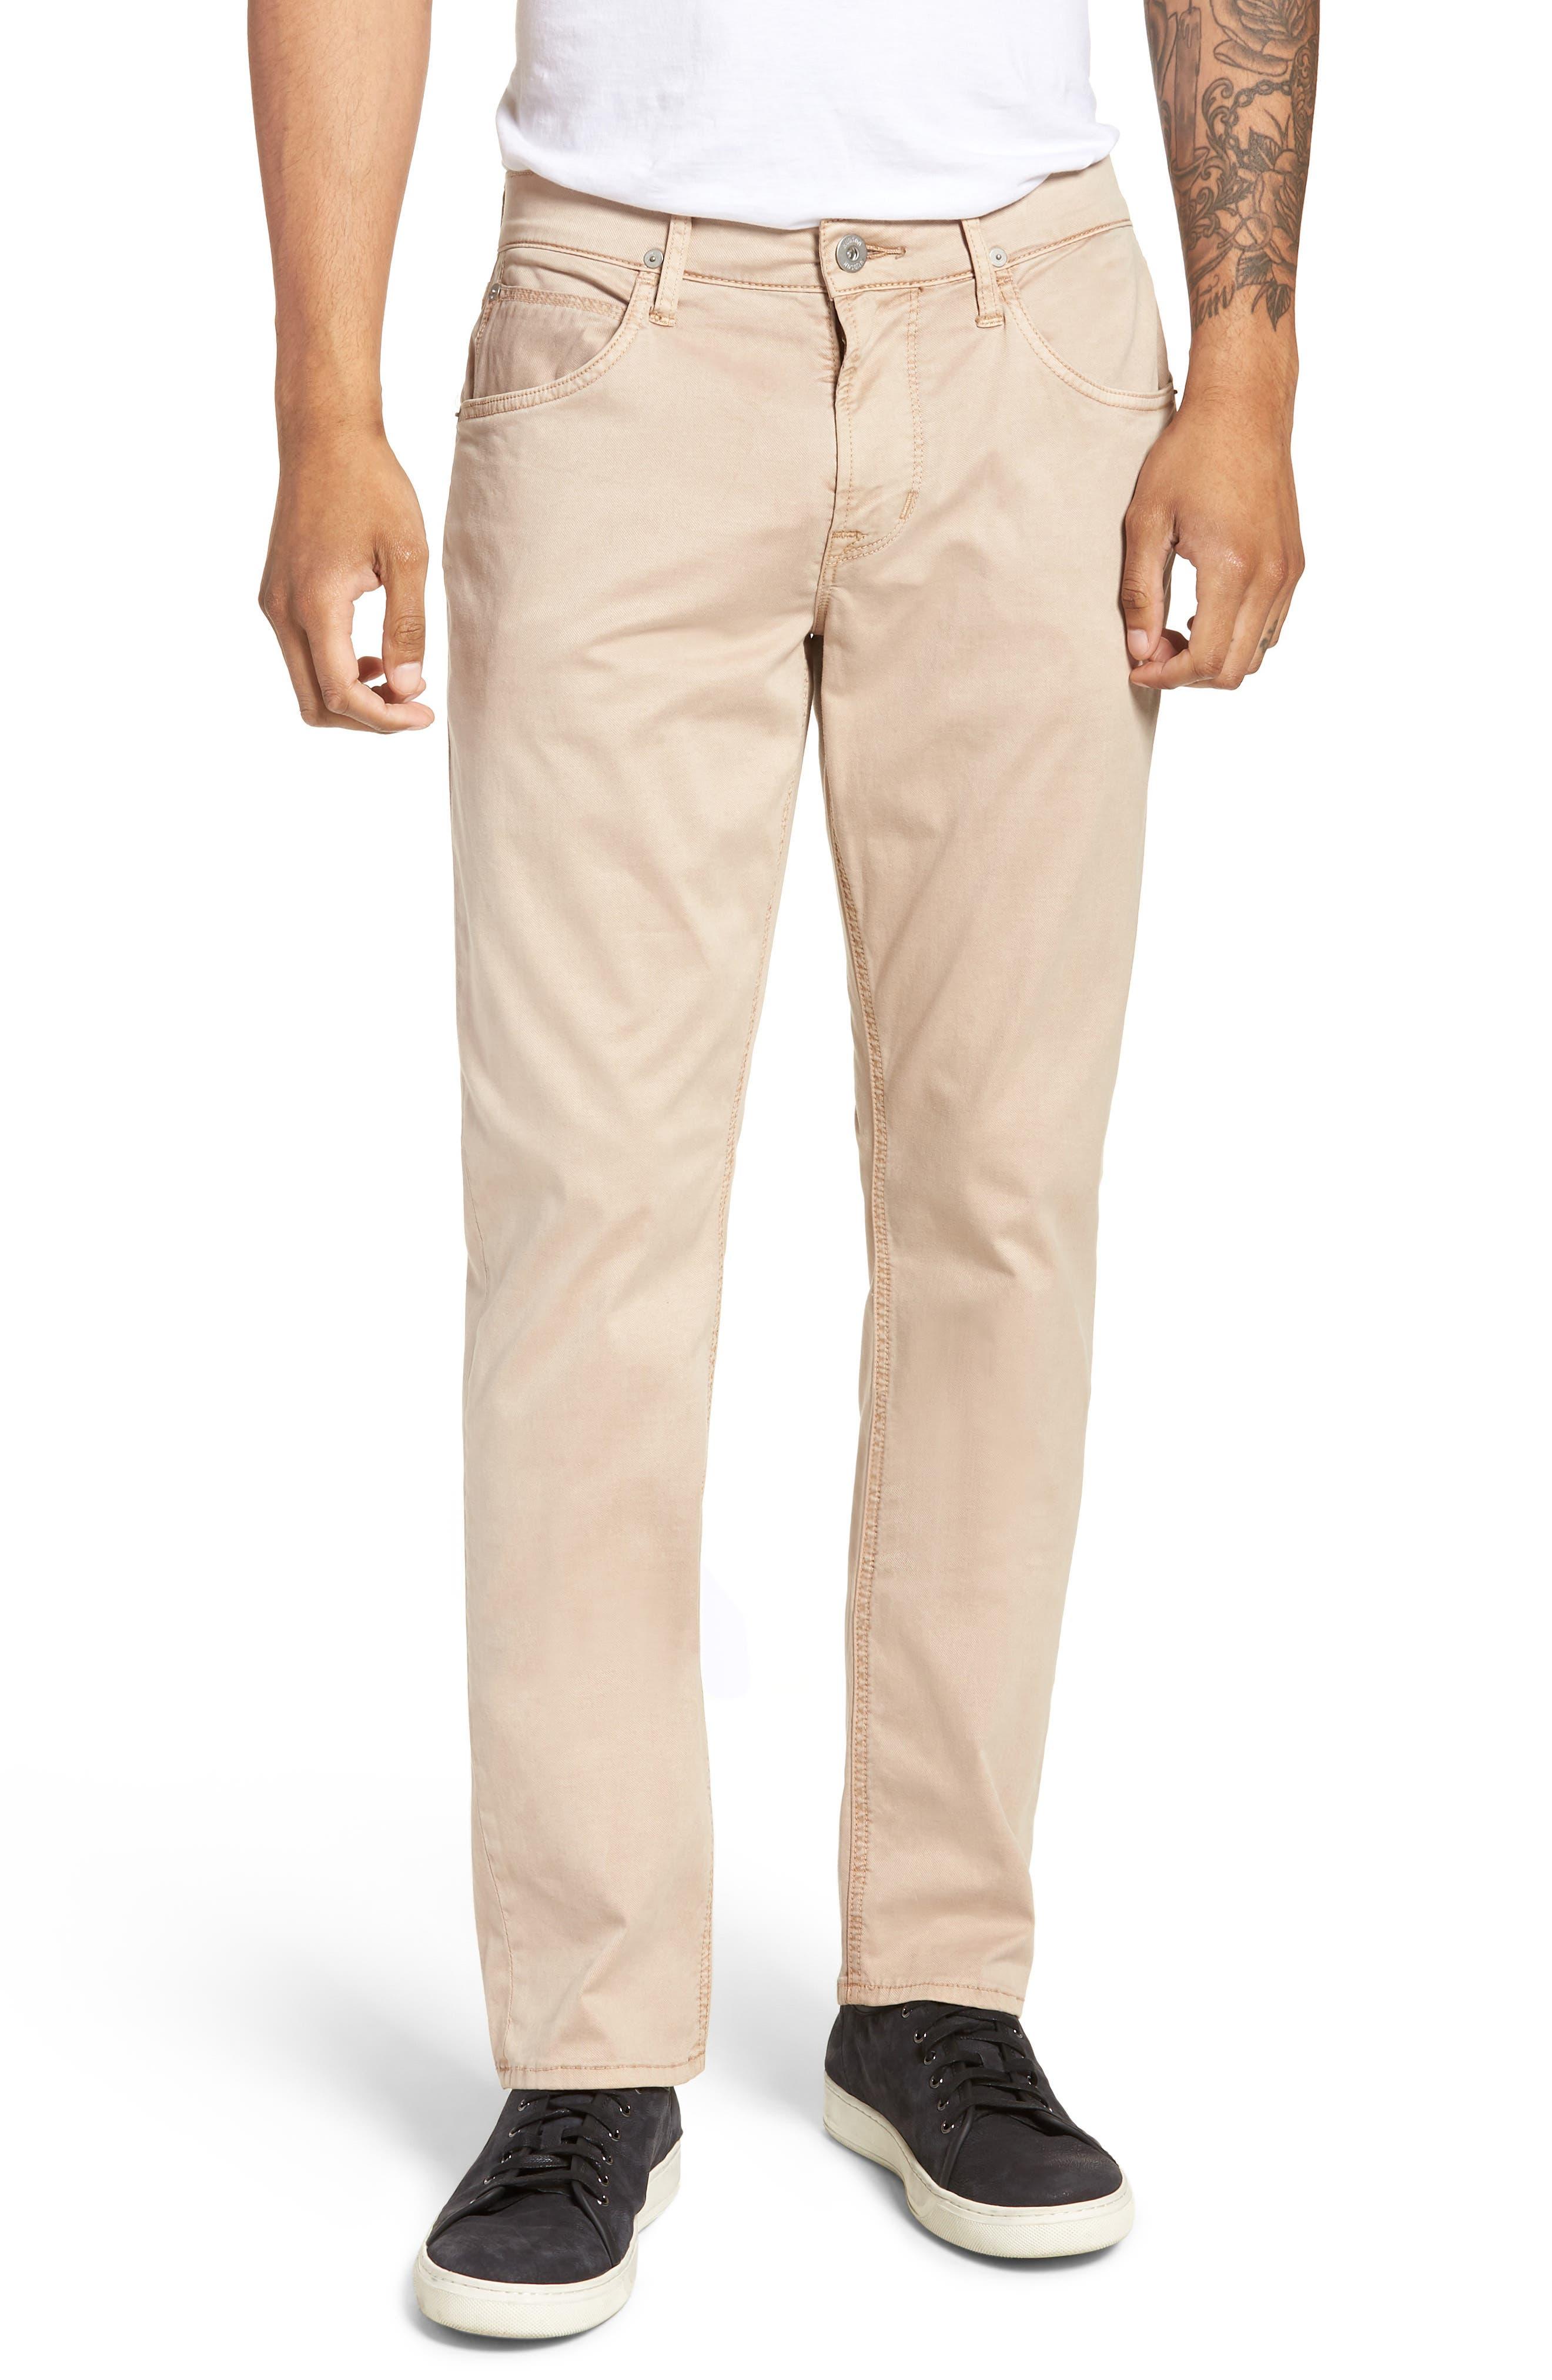 Blake Slim Fit Jeans,                         Main,                         color, 250